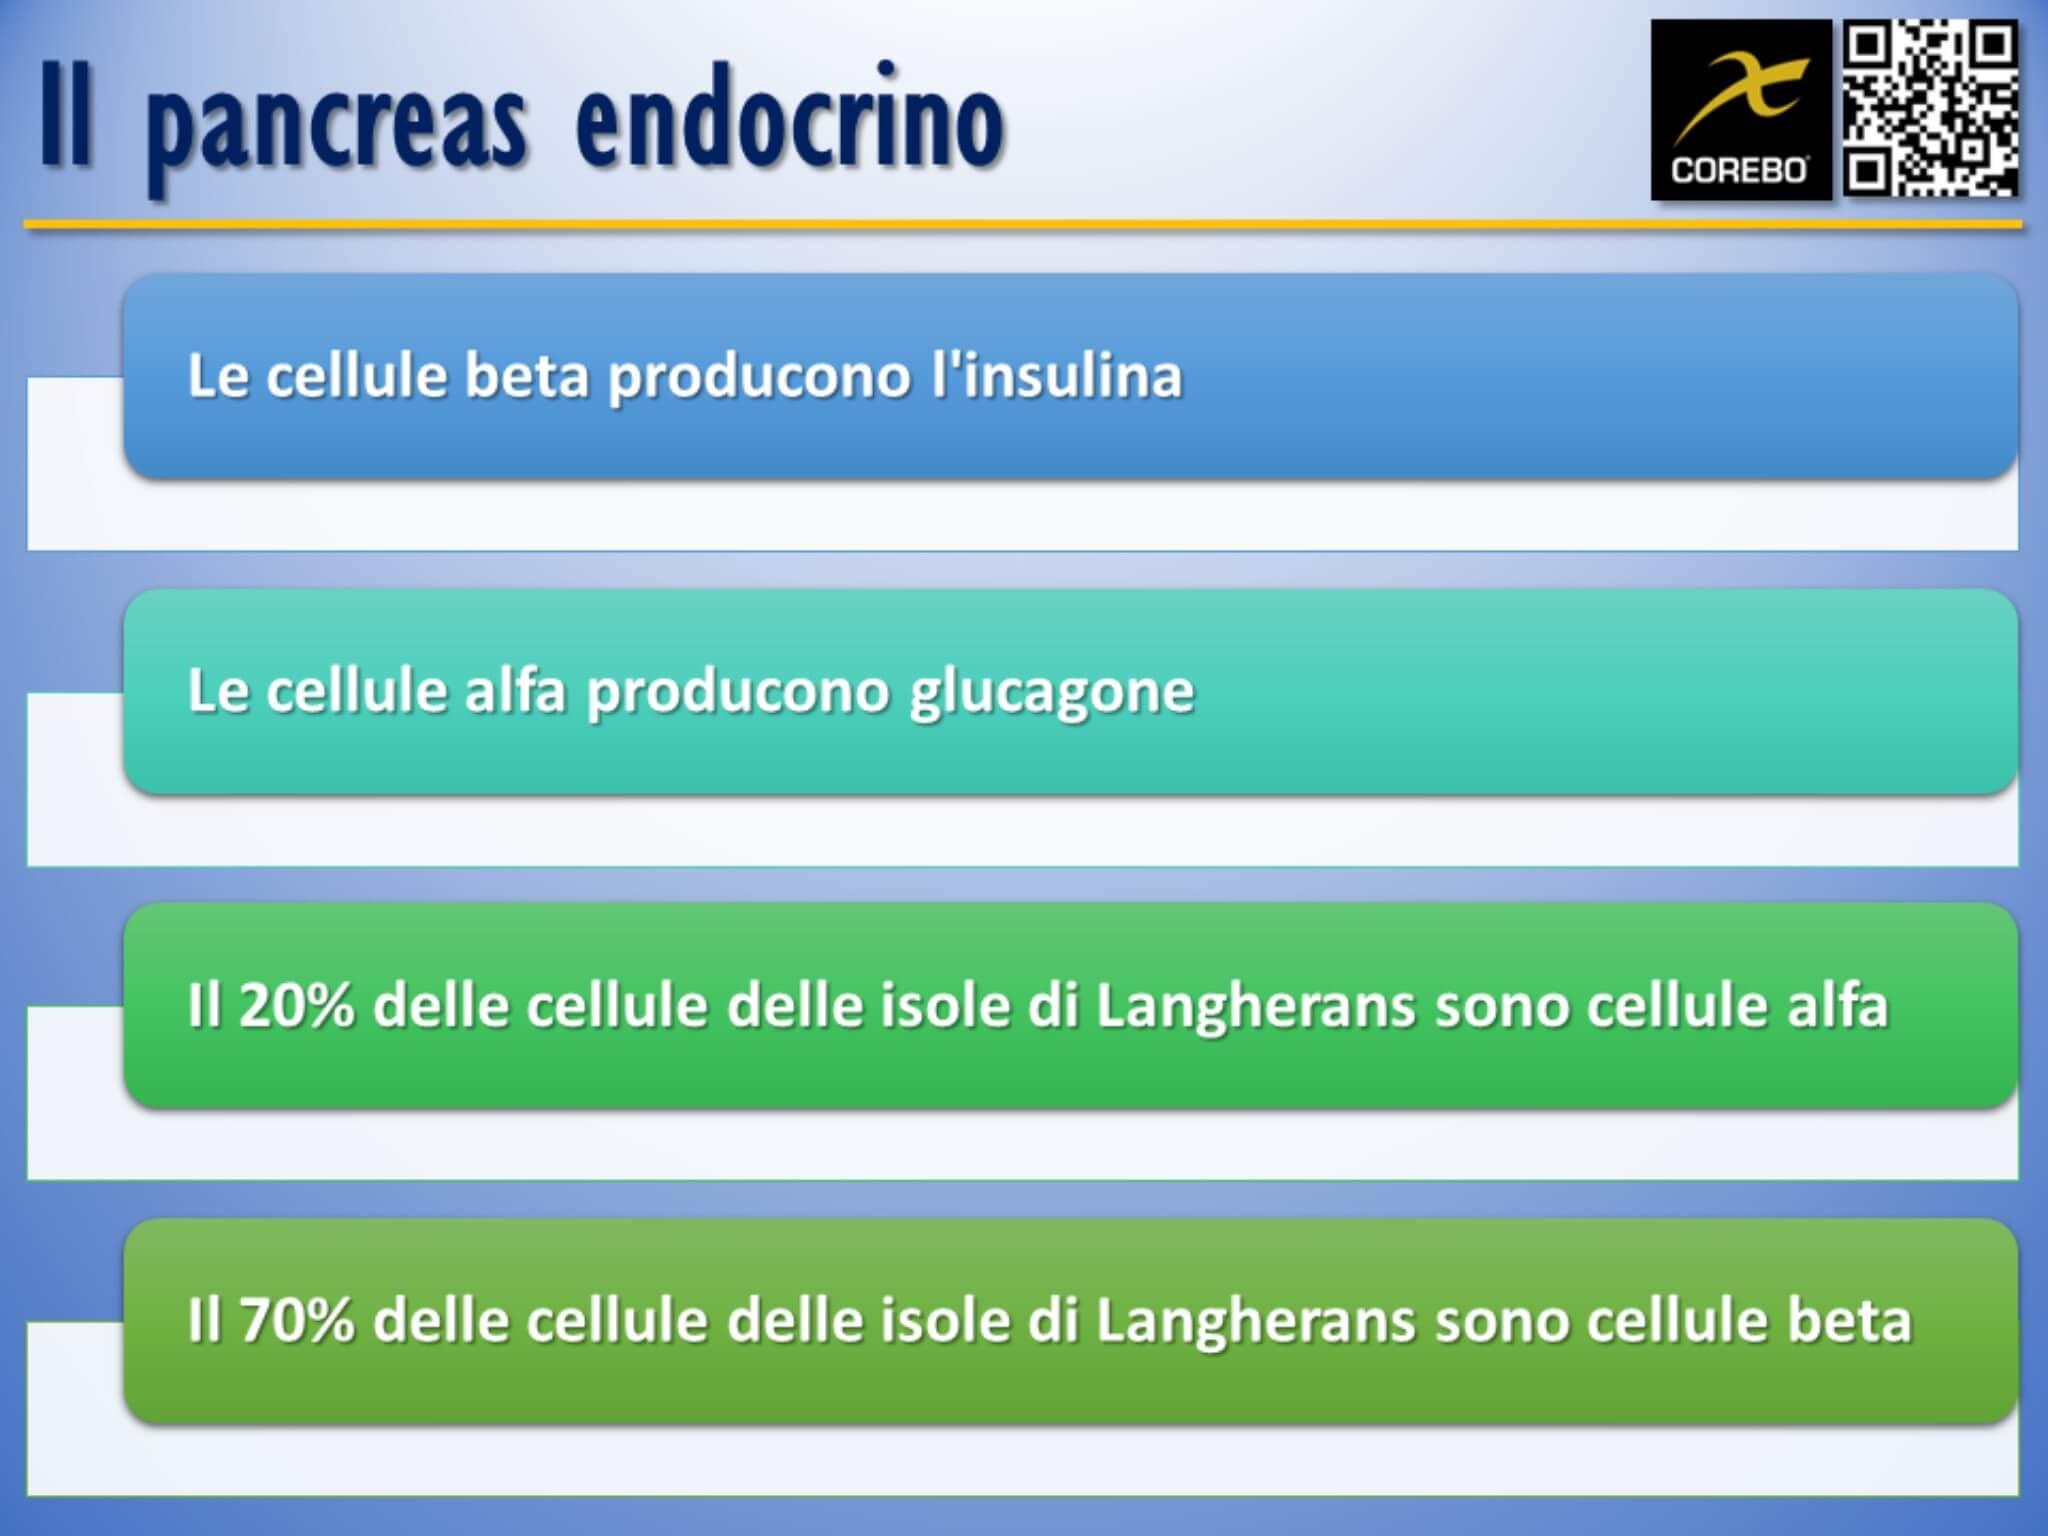 il pancreas endocrino